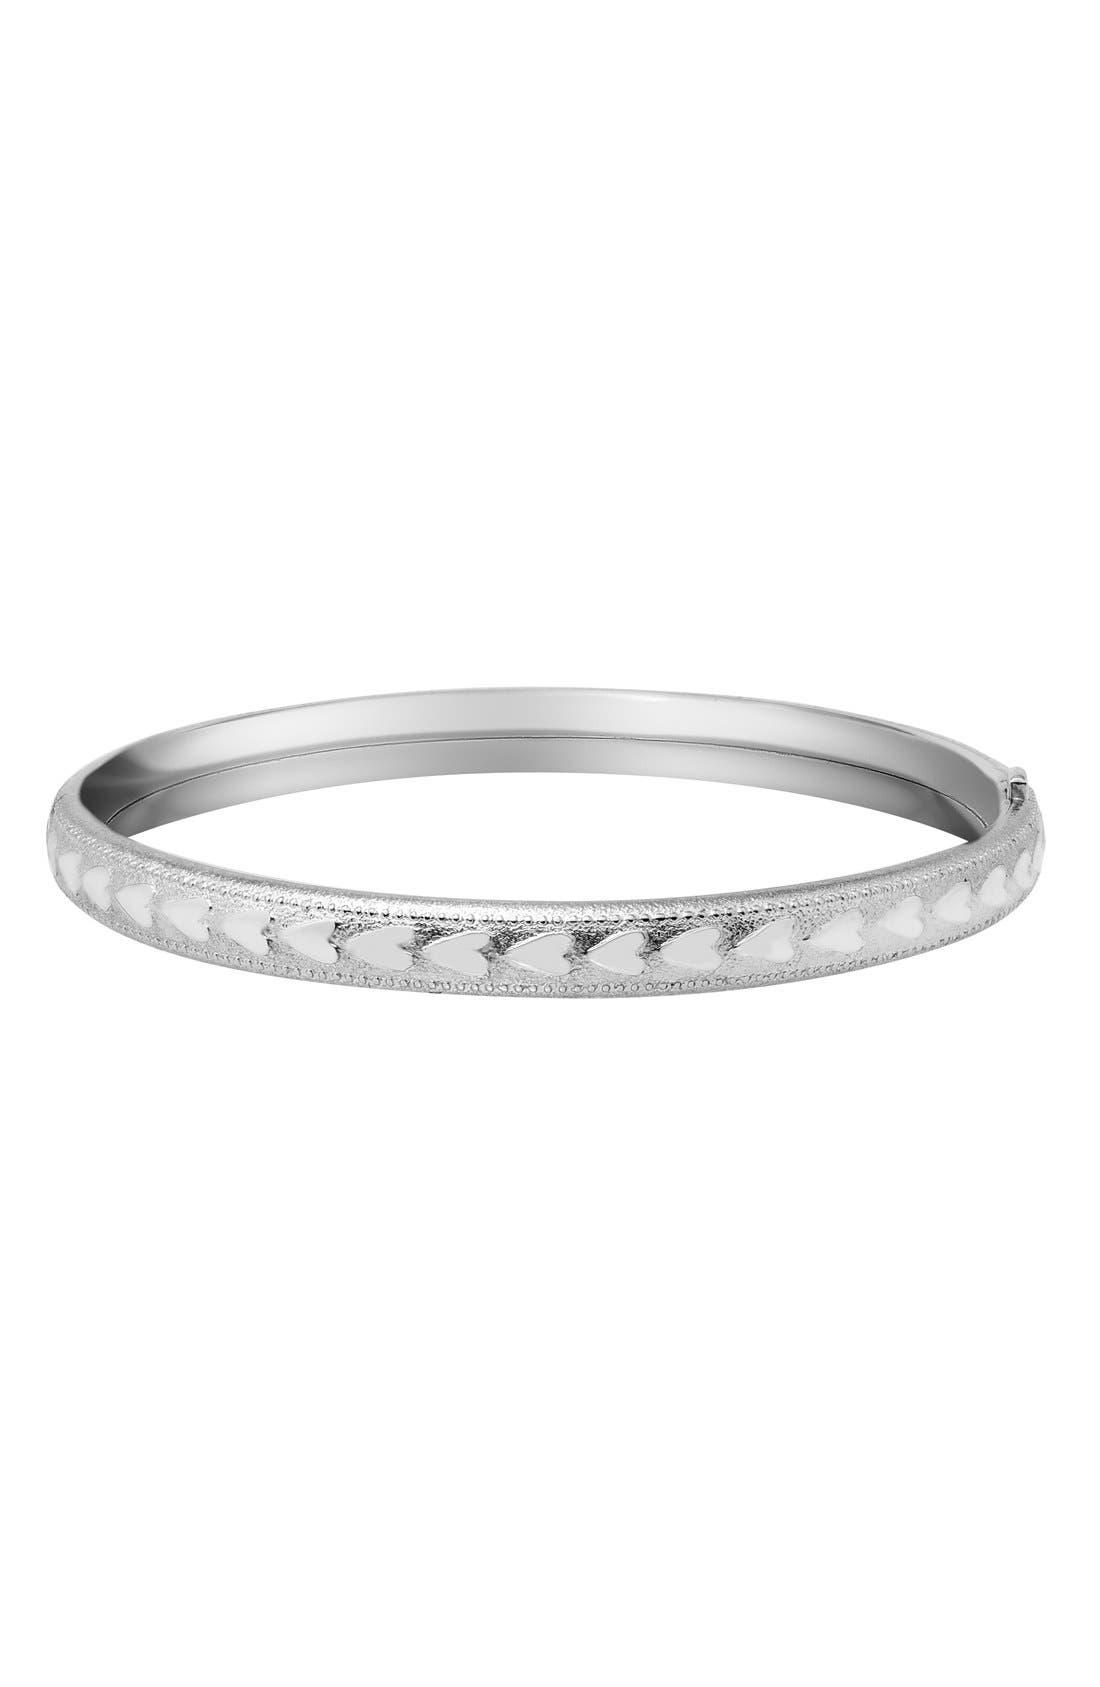 MIGNONETTE 'Heart' Sterling Silver Bracelet